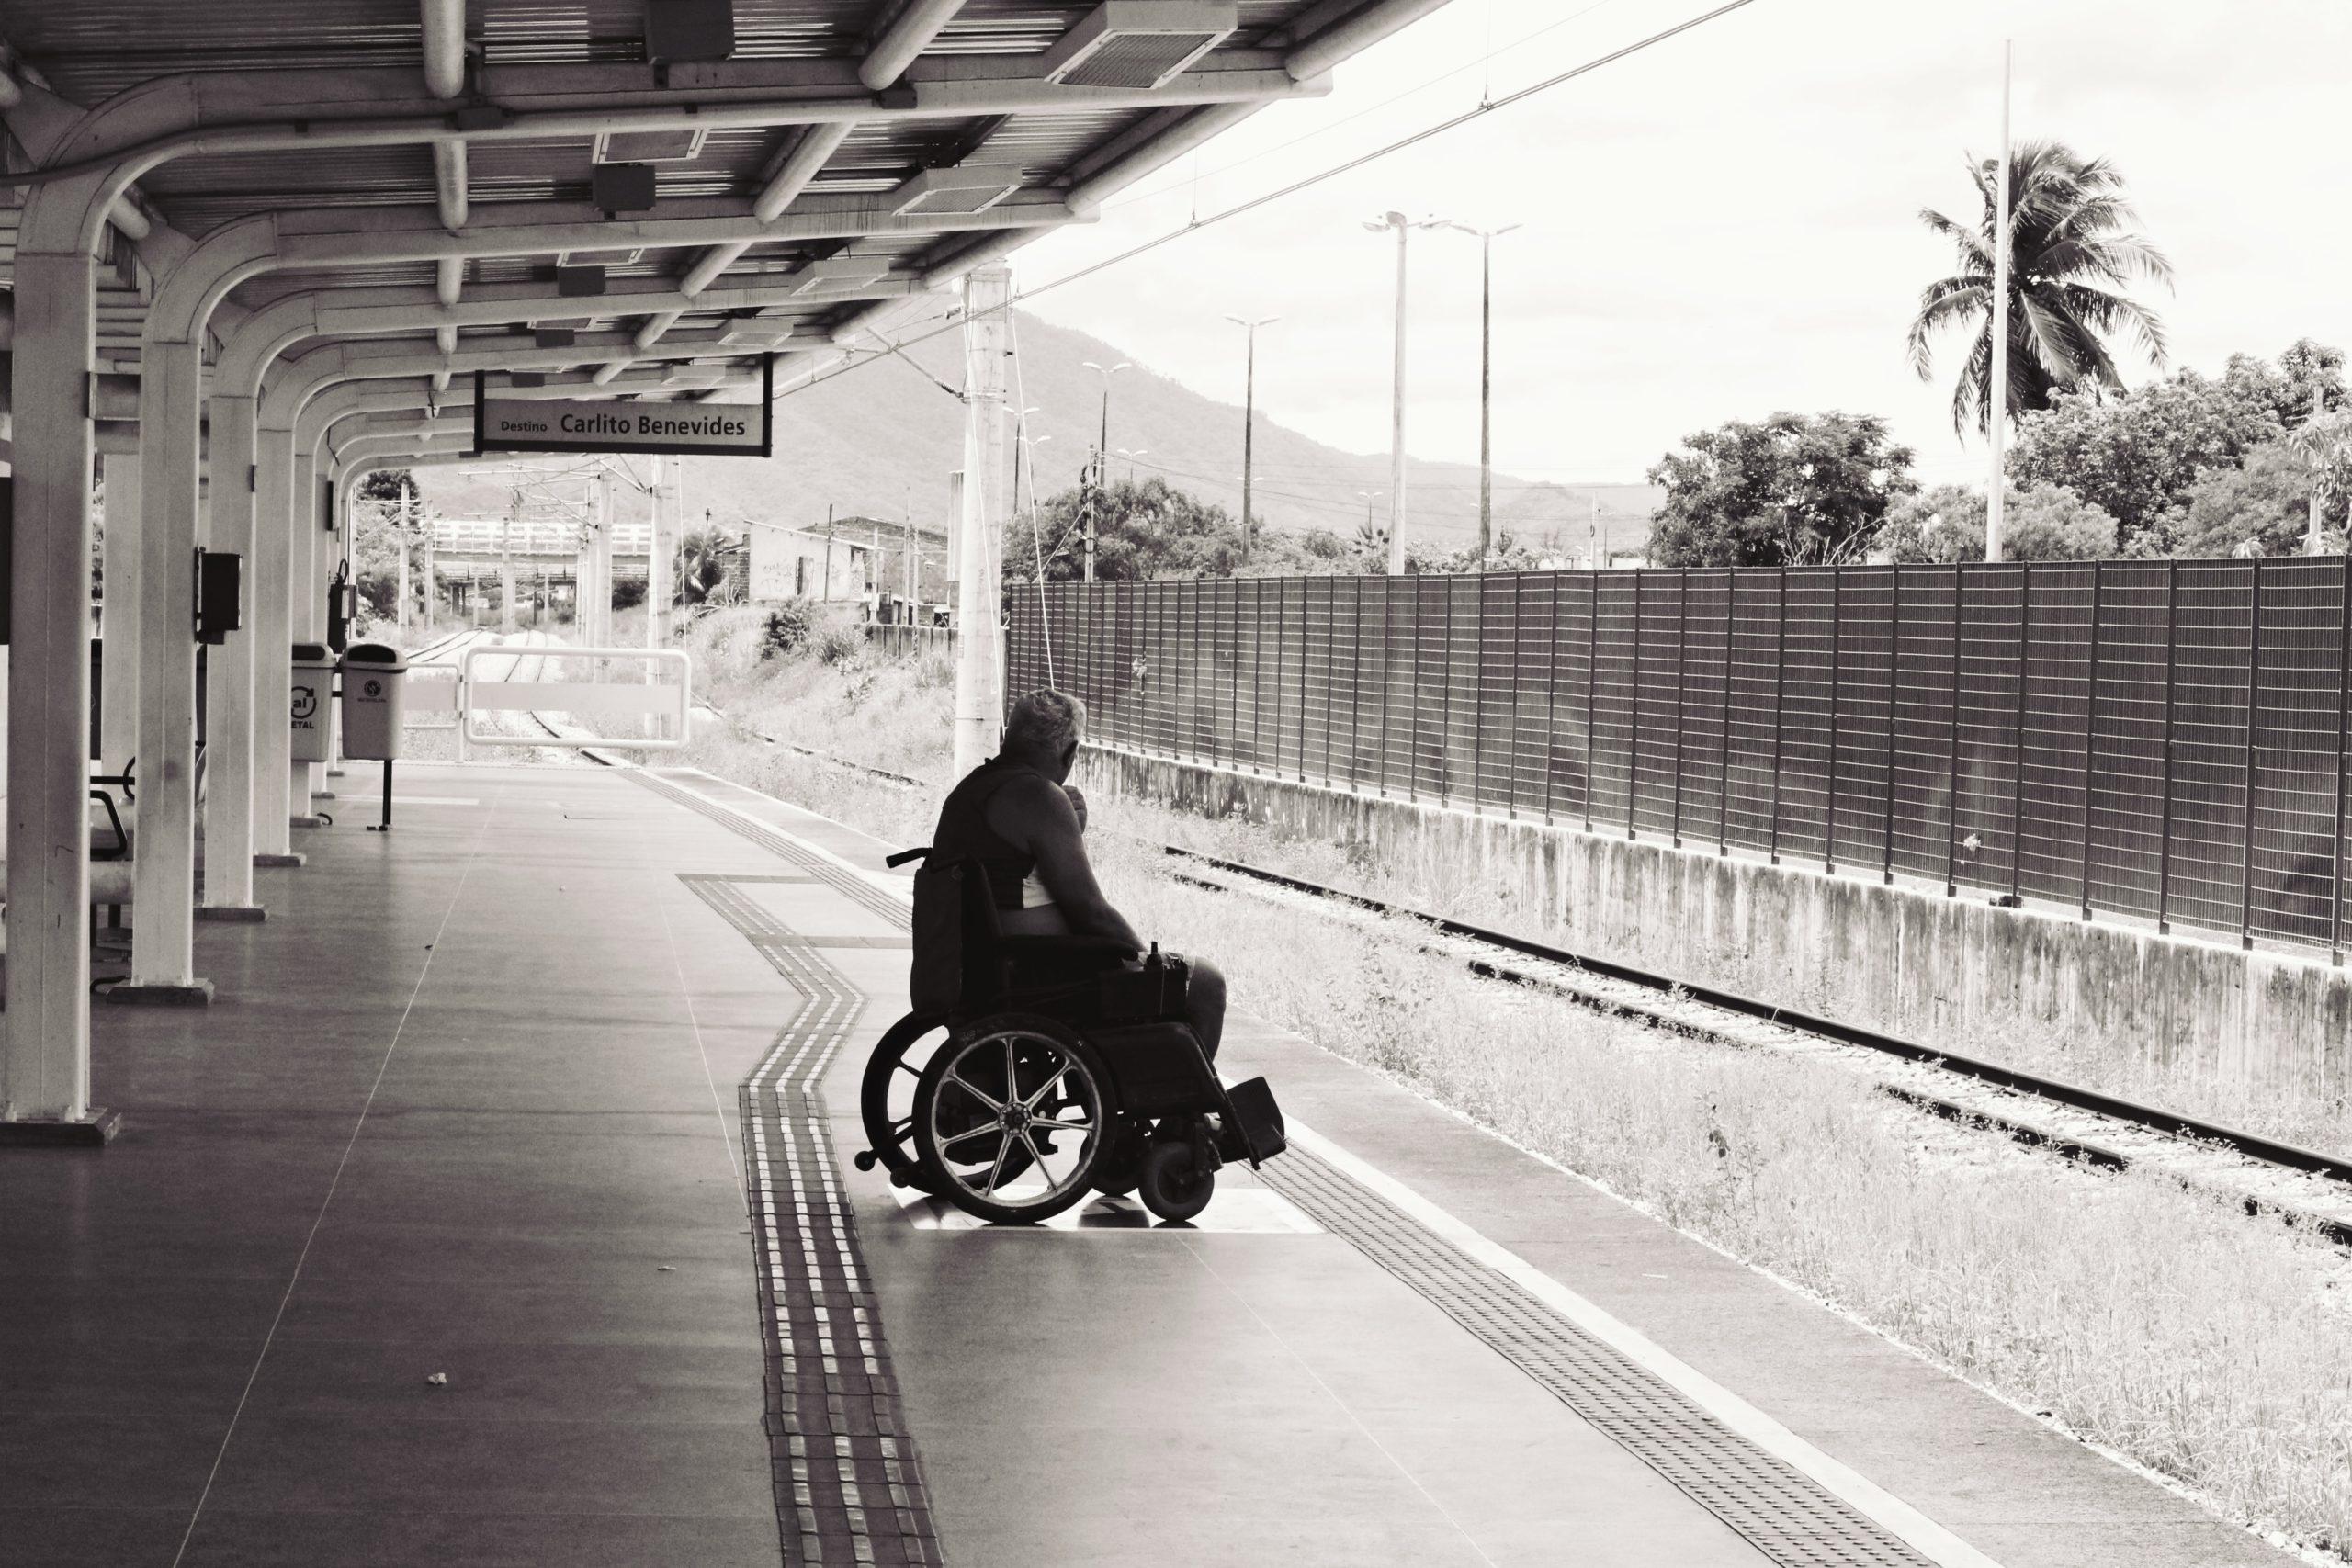 Concurso da Caixa Econômica Federal pretende contratar mil pessoas com deficiência